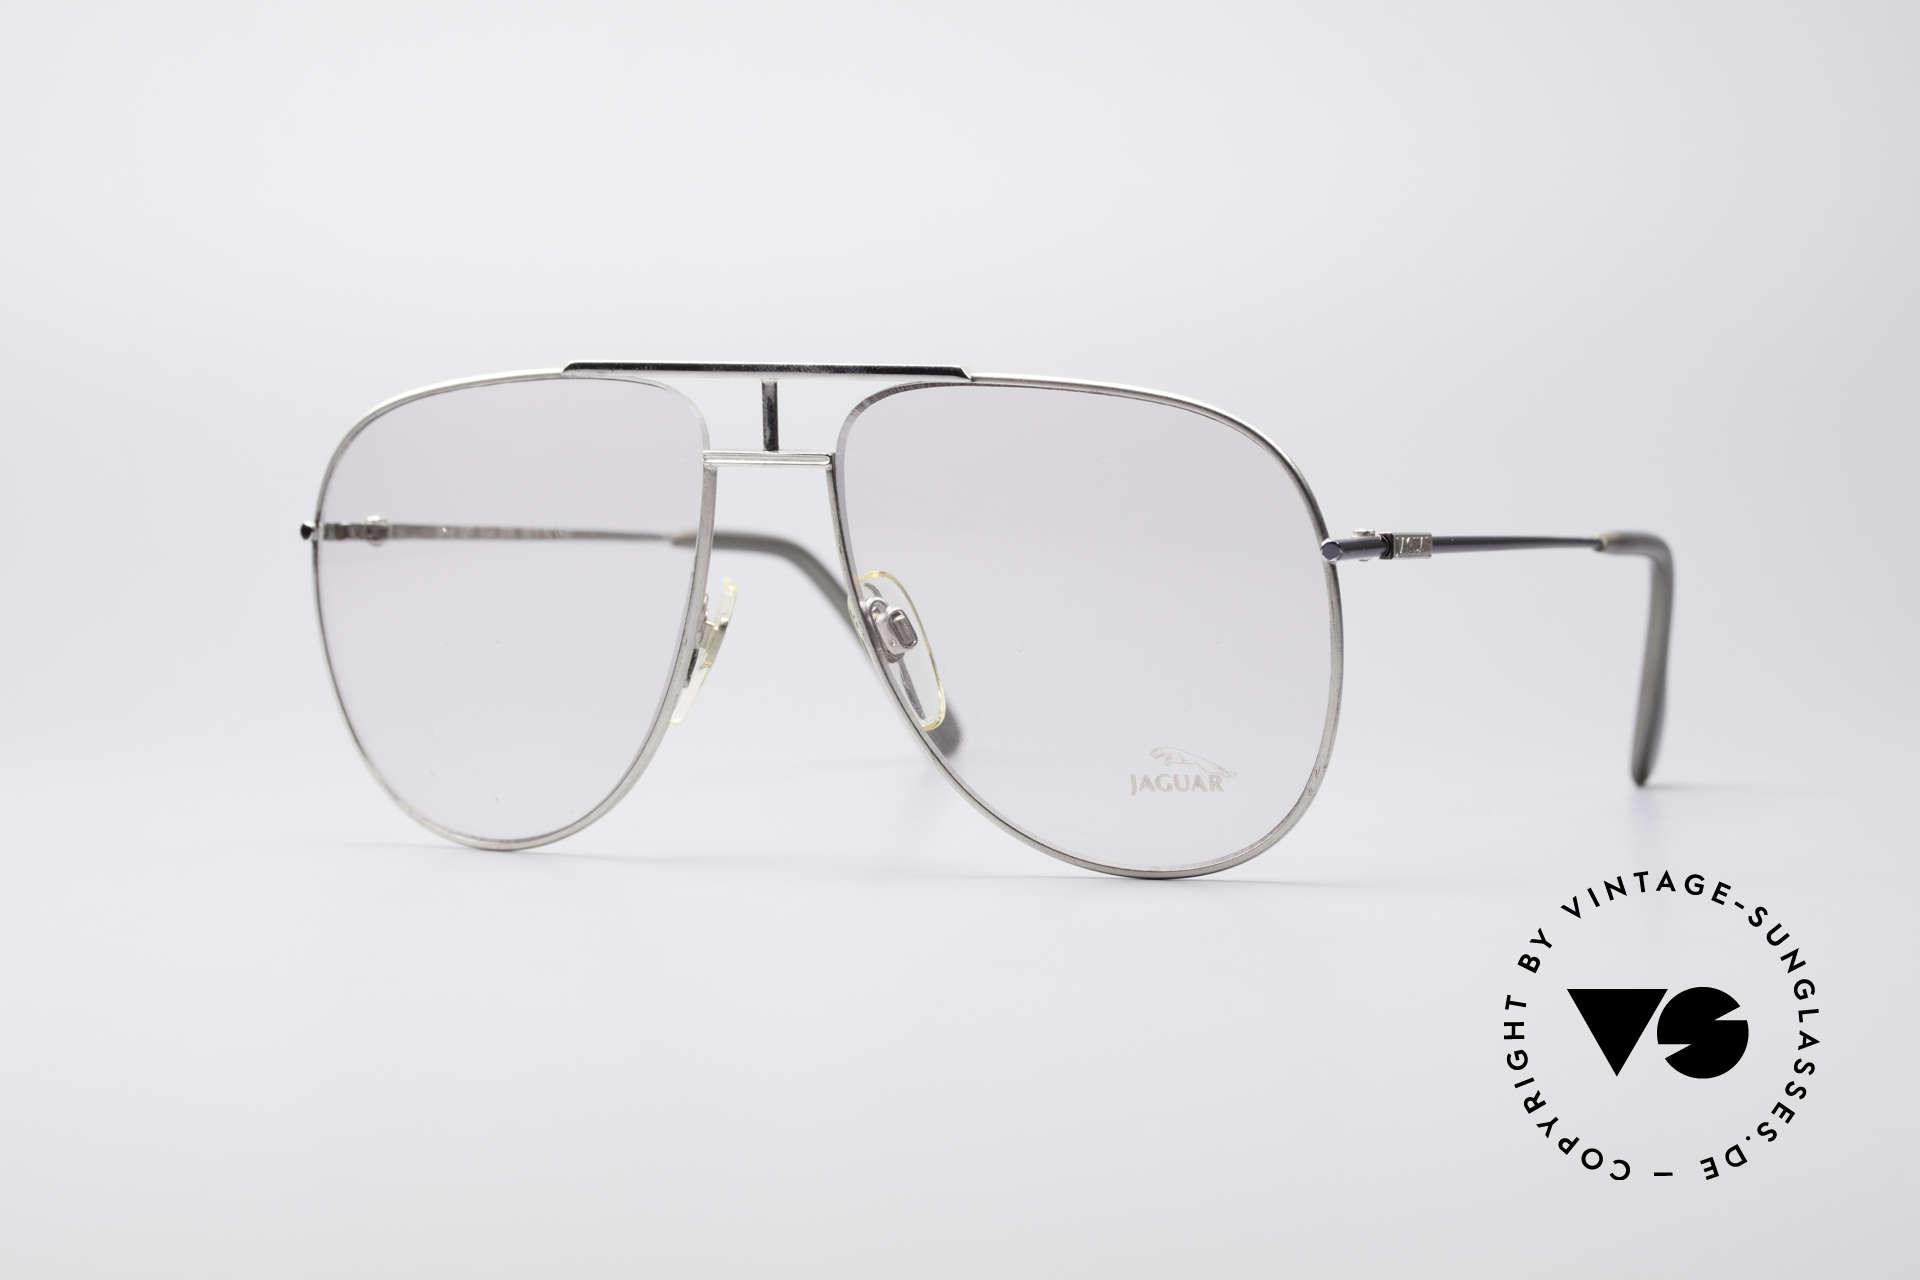 Jaguar 327 80er Vintage Herren Brille, herrliche und sehr markante Jaguar 80er Brille, Passend für Herren